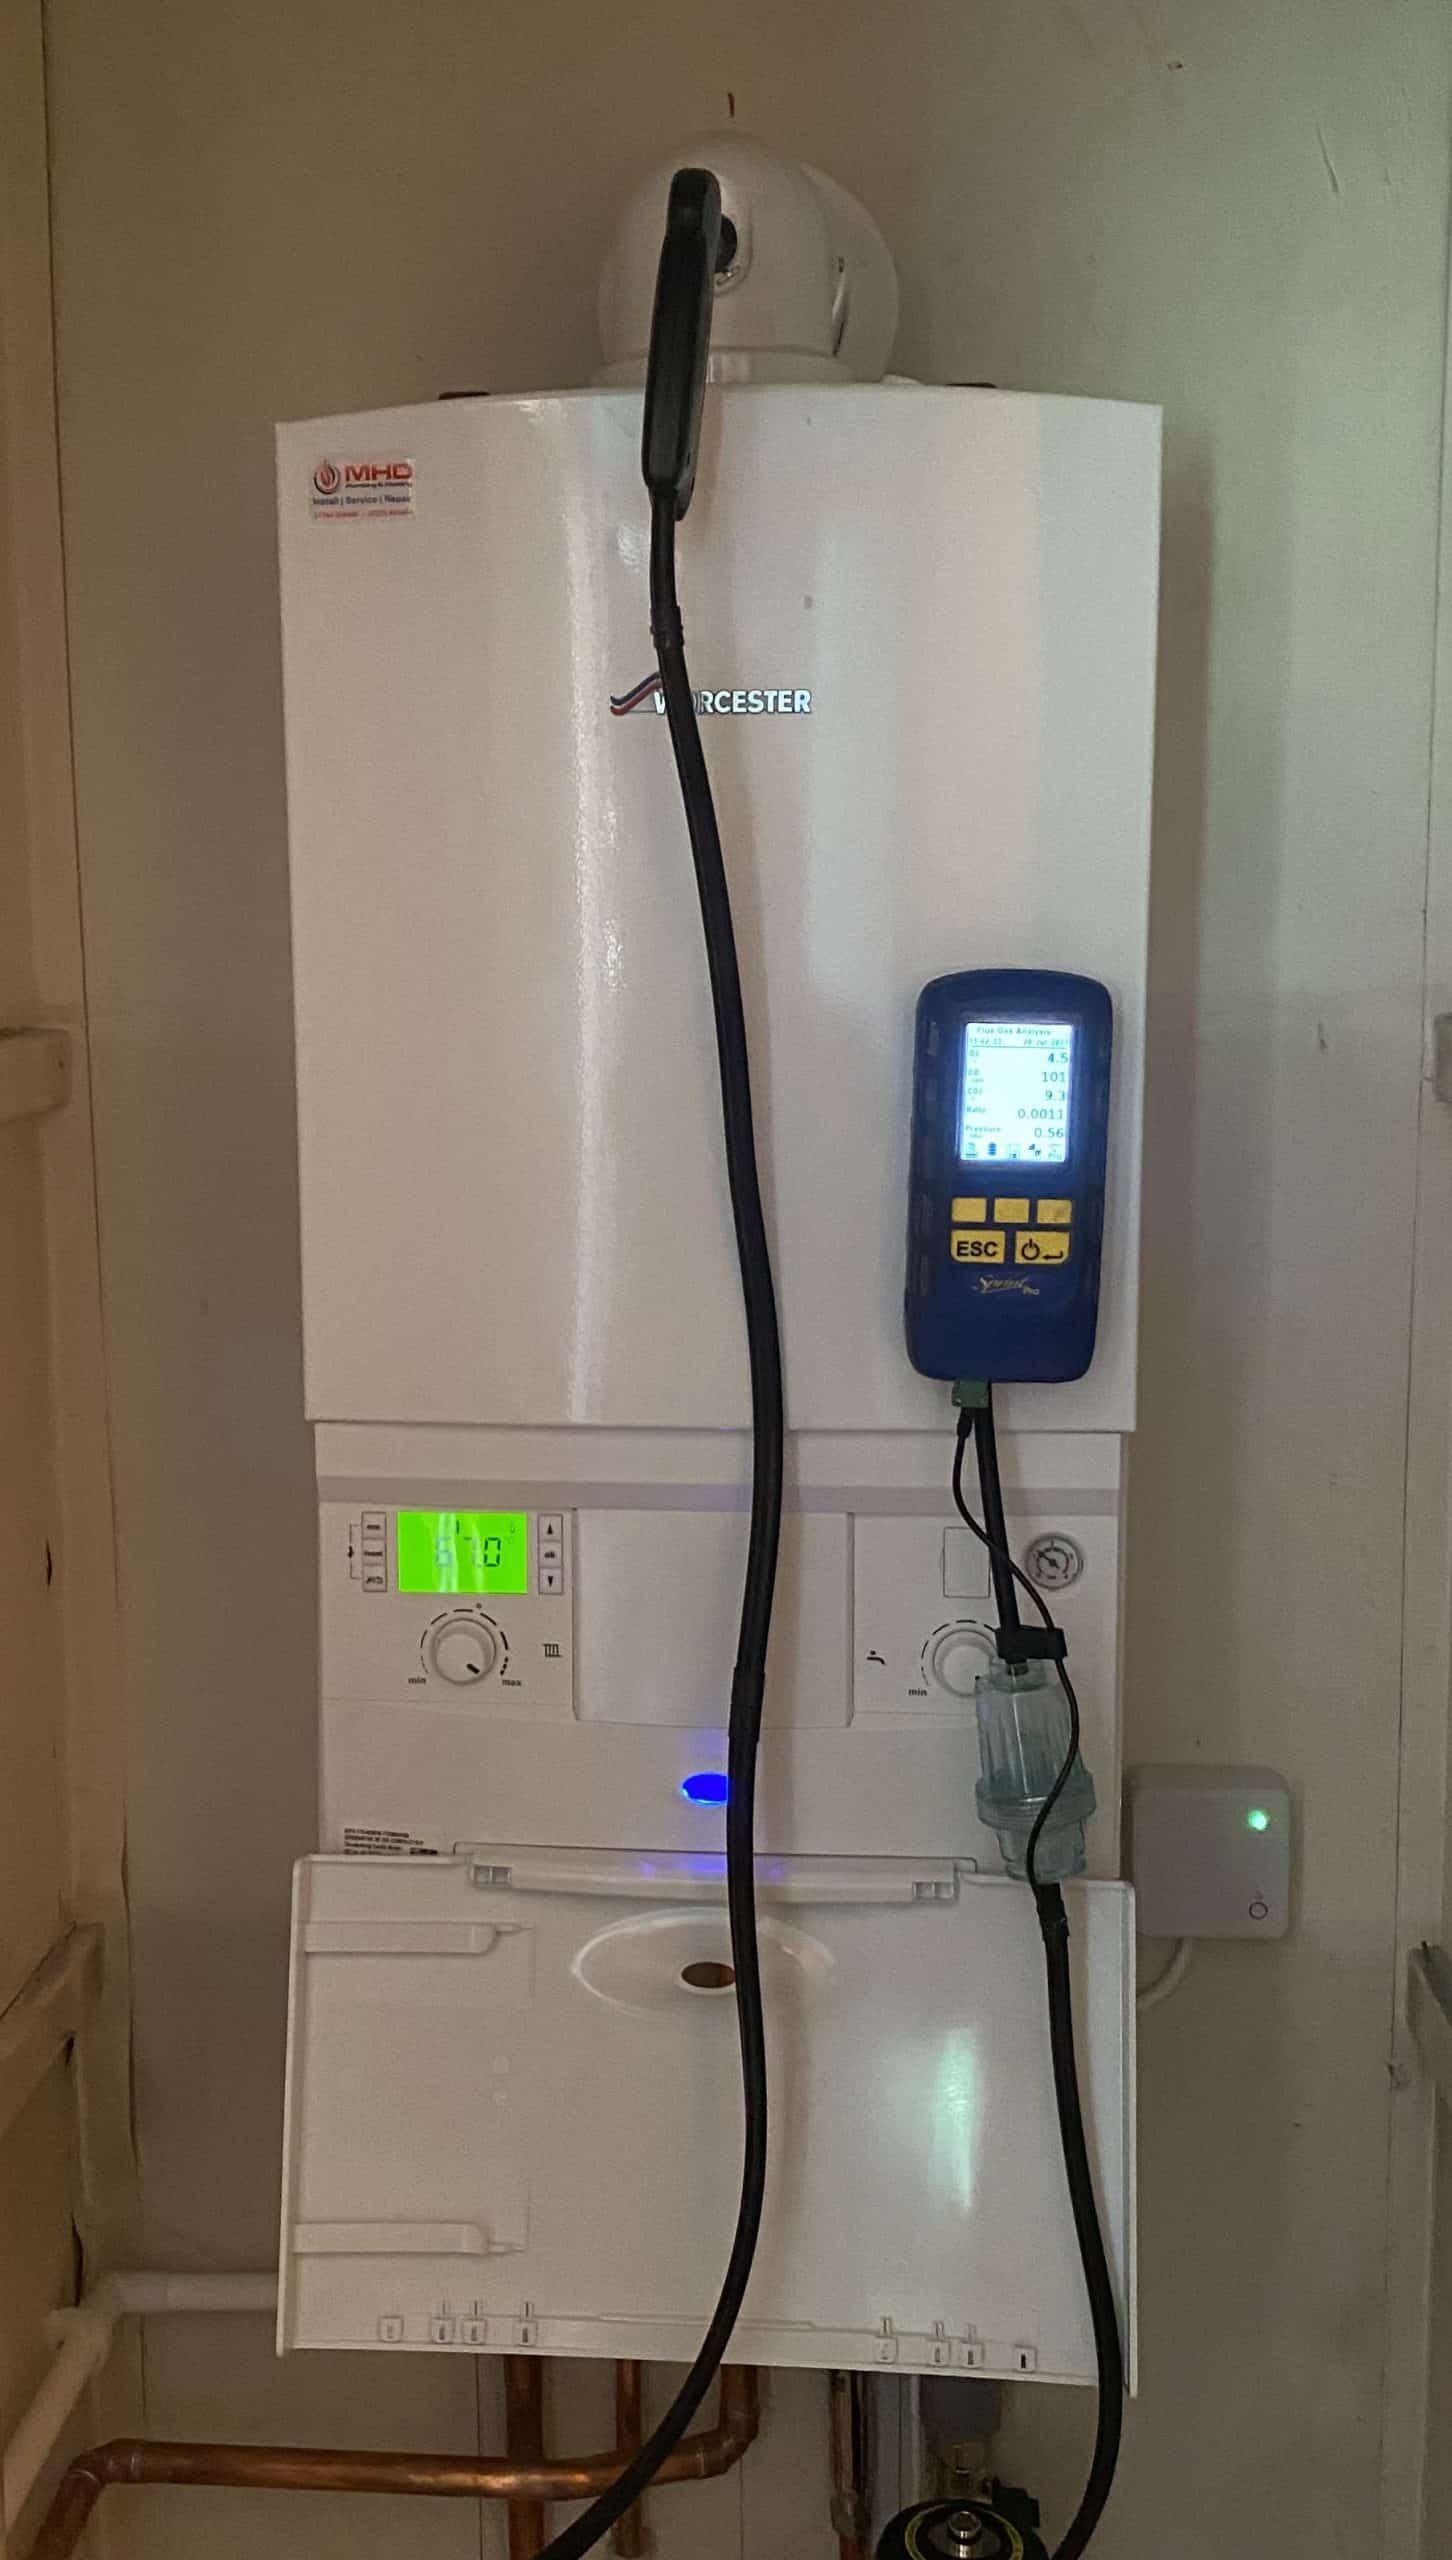 New Boiler in Bracknell